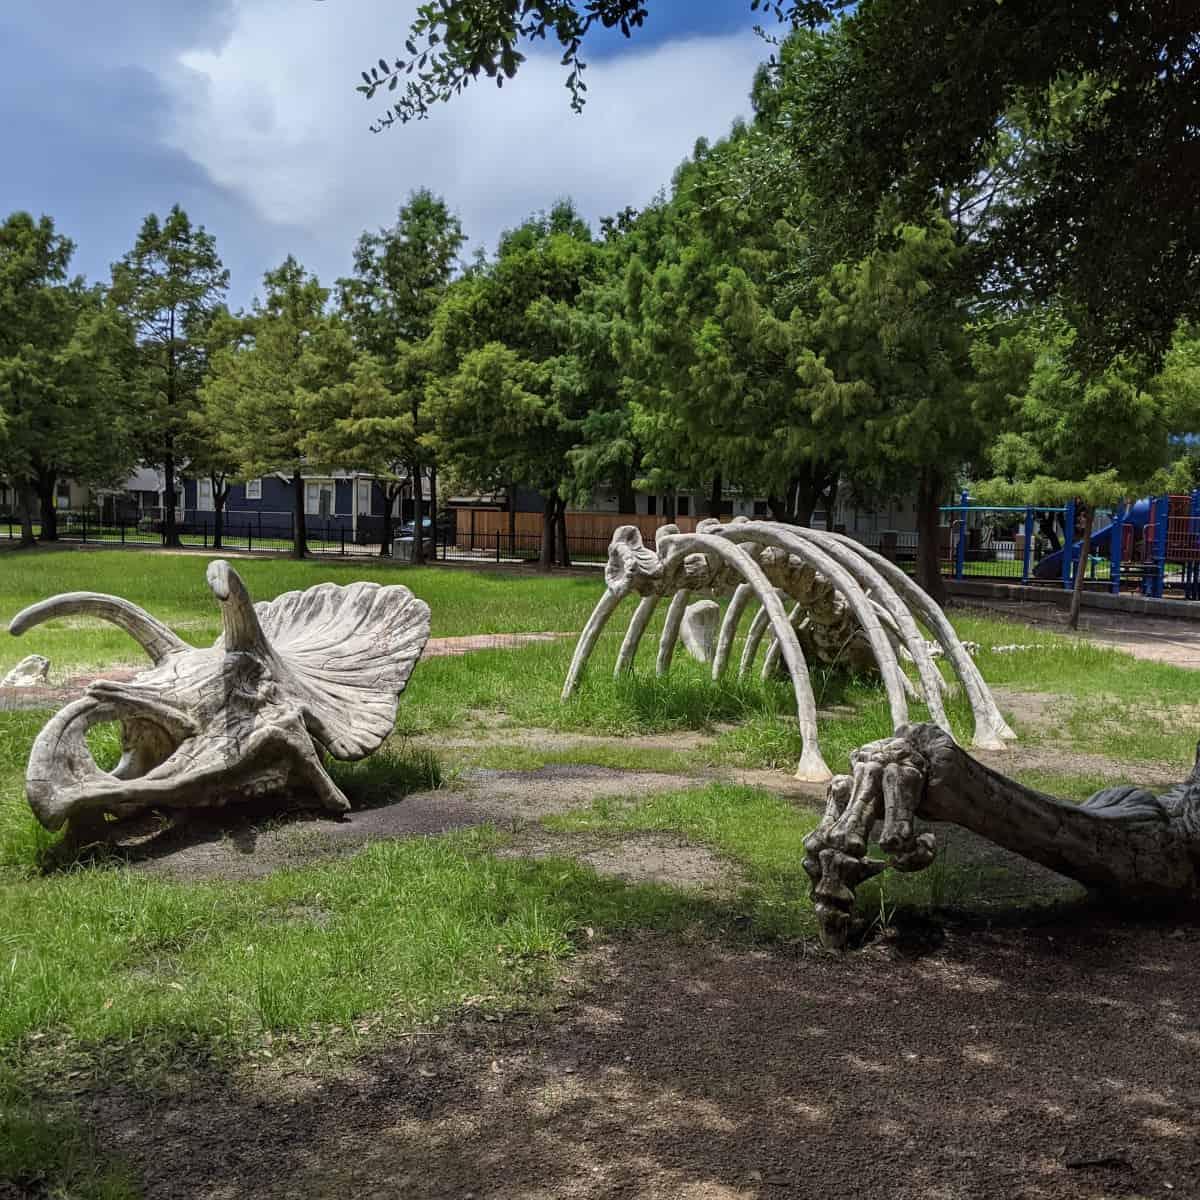 Dinosaur Bone Playground at Travis Spark Park